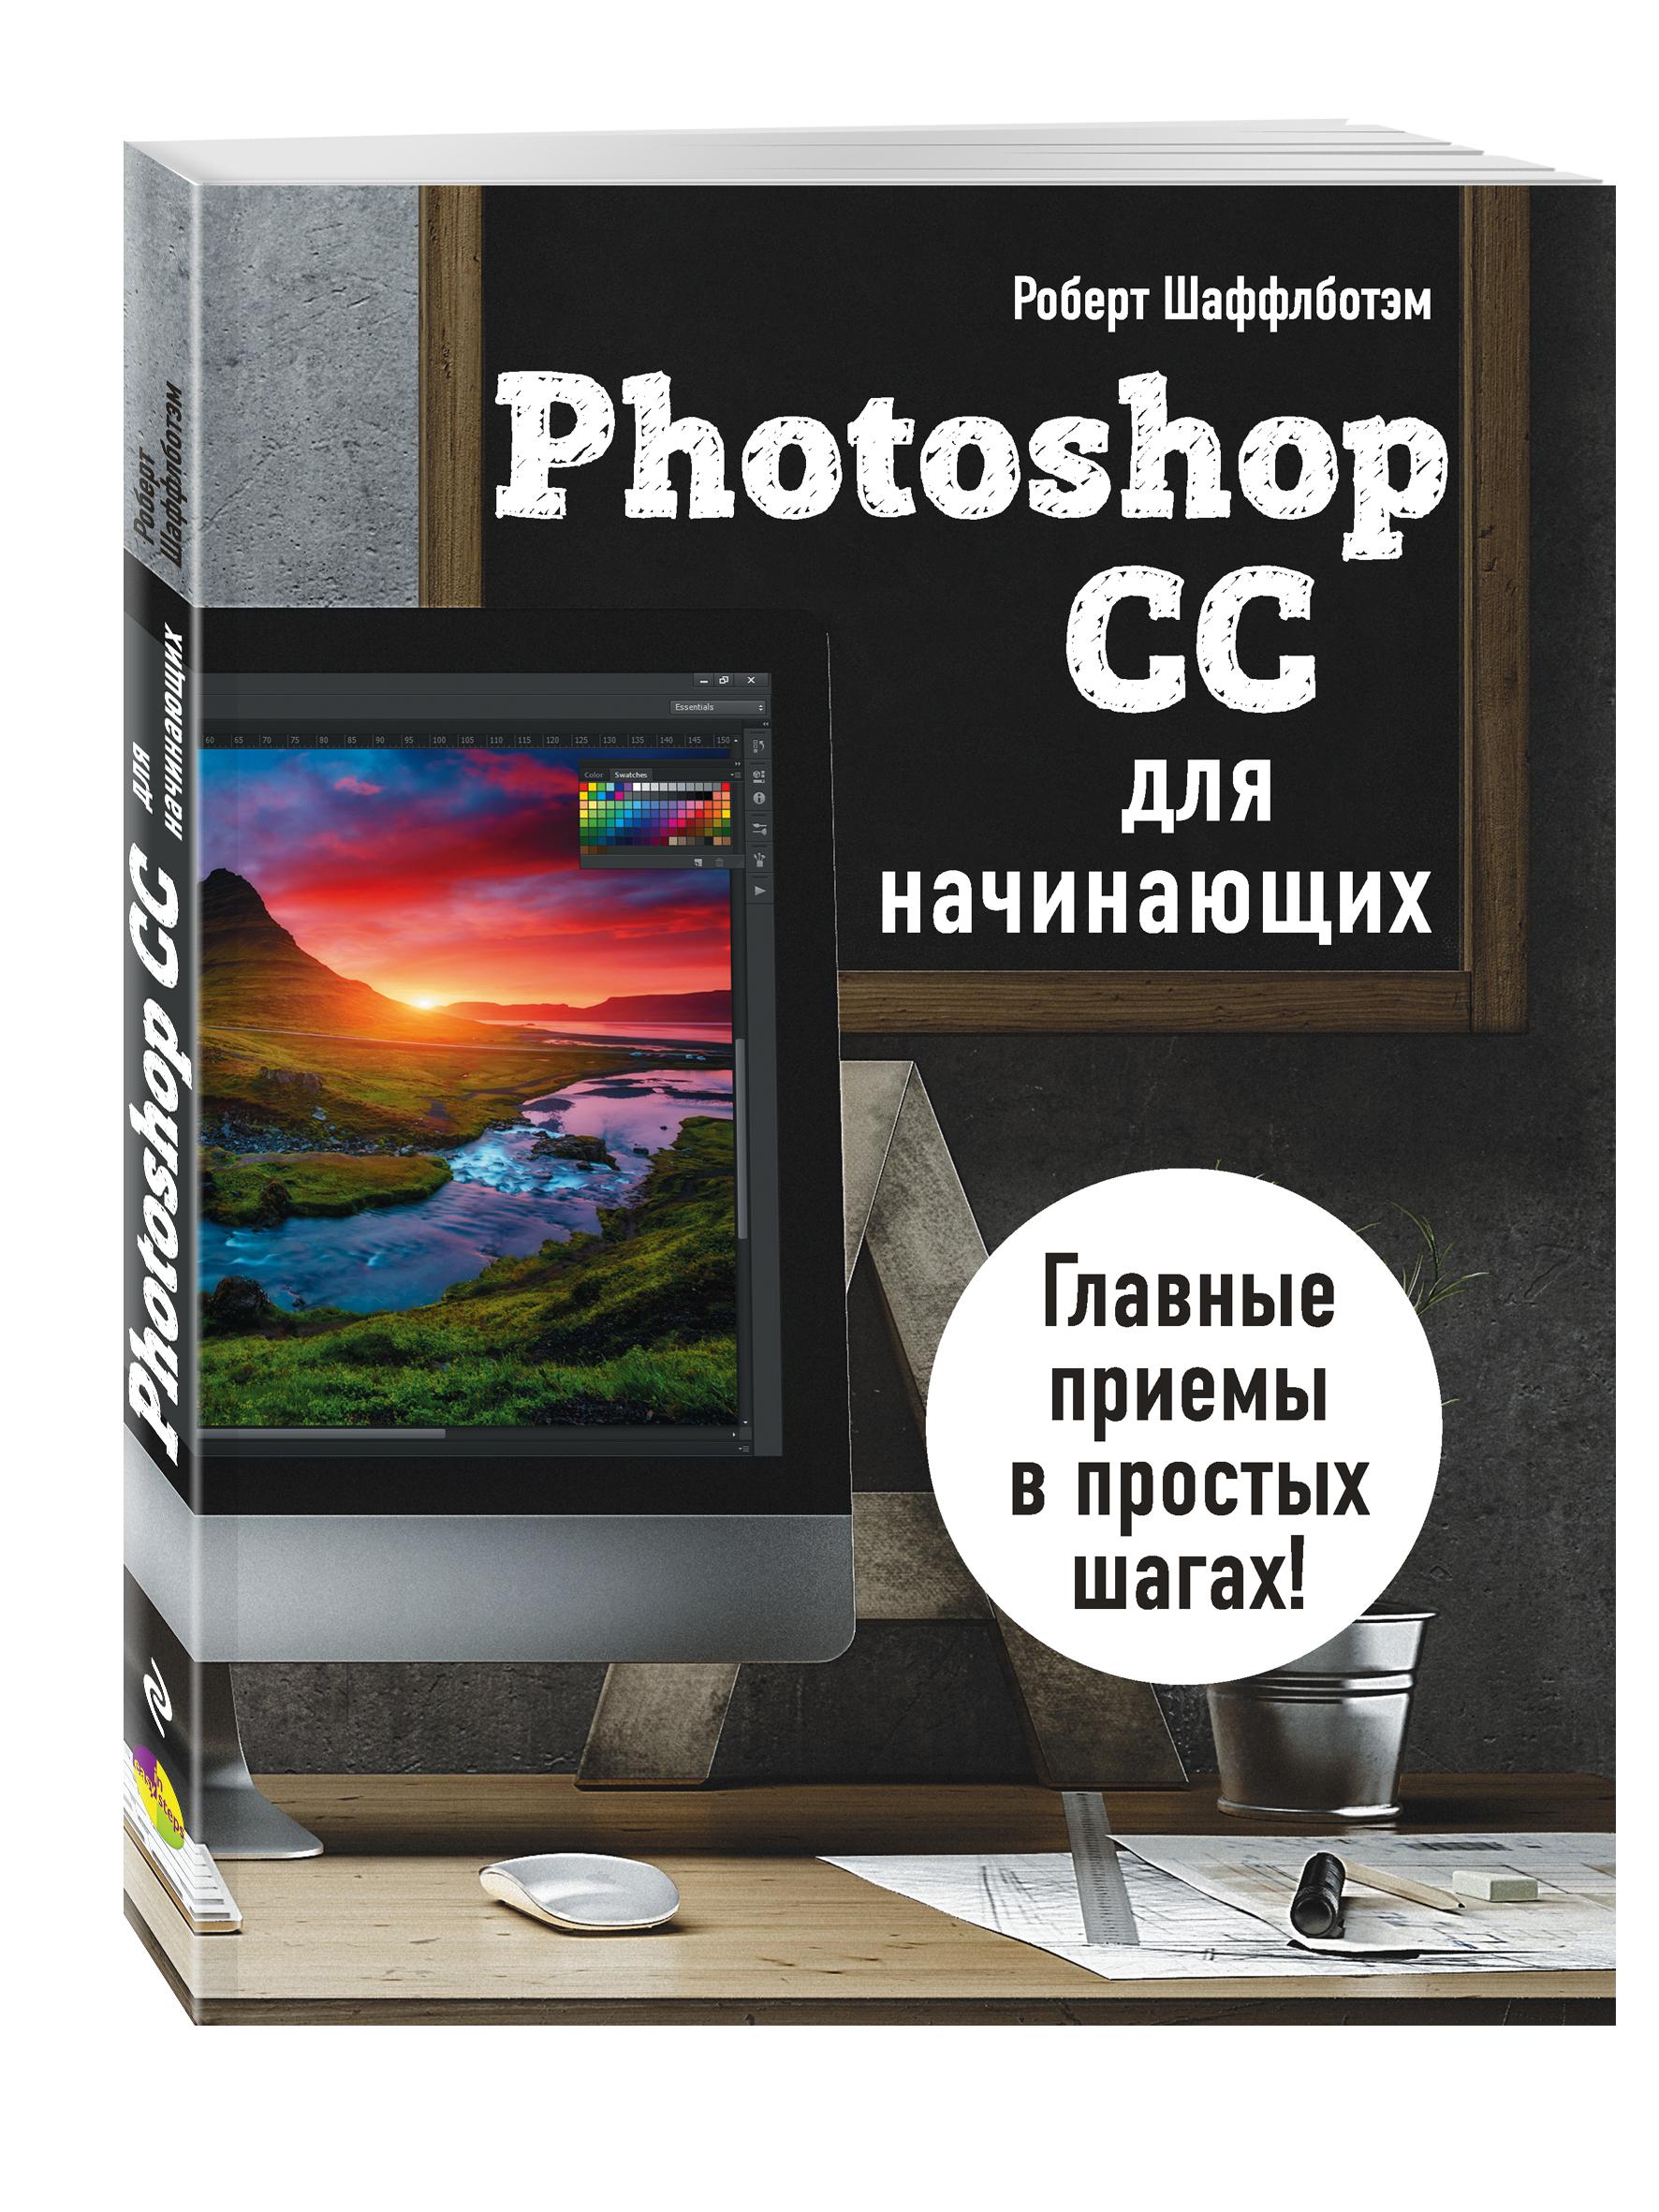 Photoshop CC для начинающих ( Шаффлботэм Р.  )